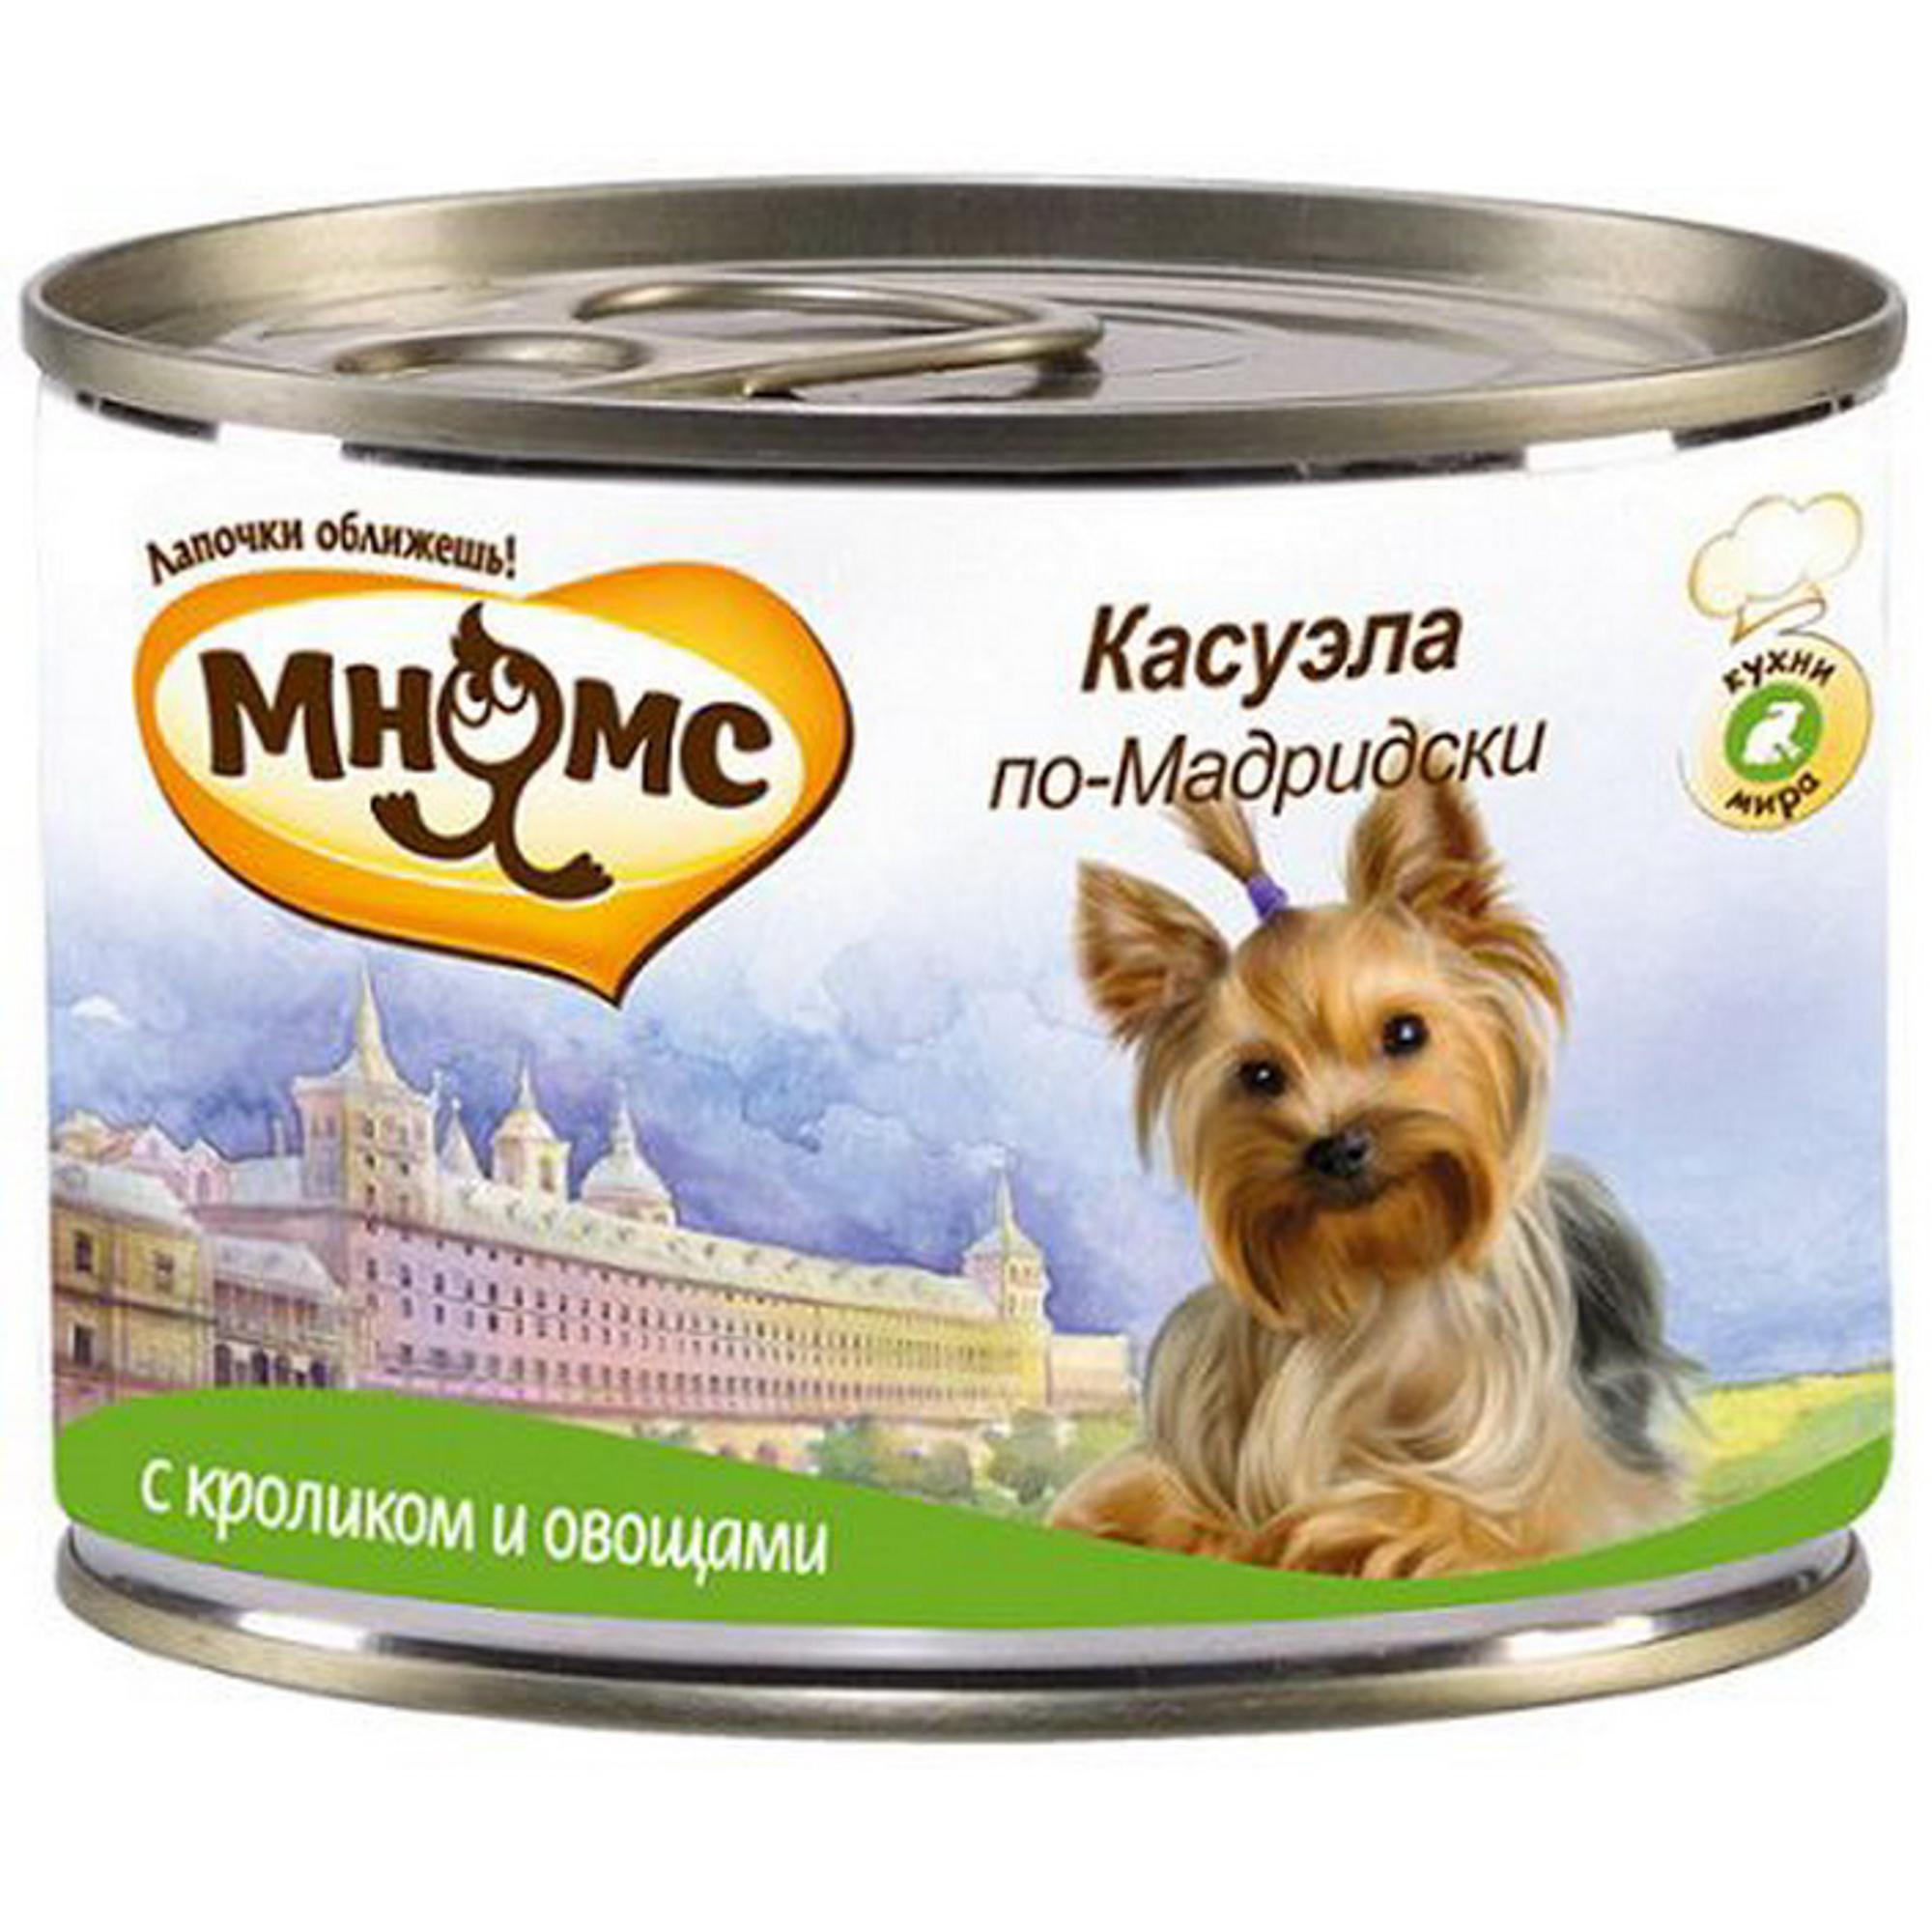 Корм для собак МНЯМС Рro pet касуэла по-мадридски кролик с овощами 200 г